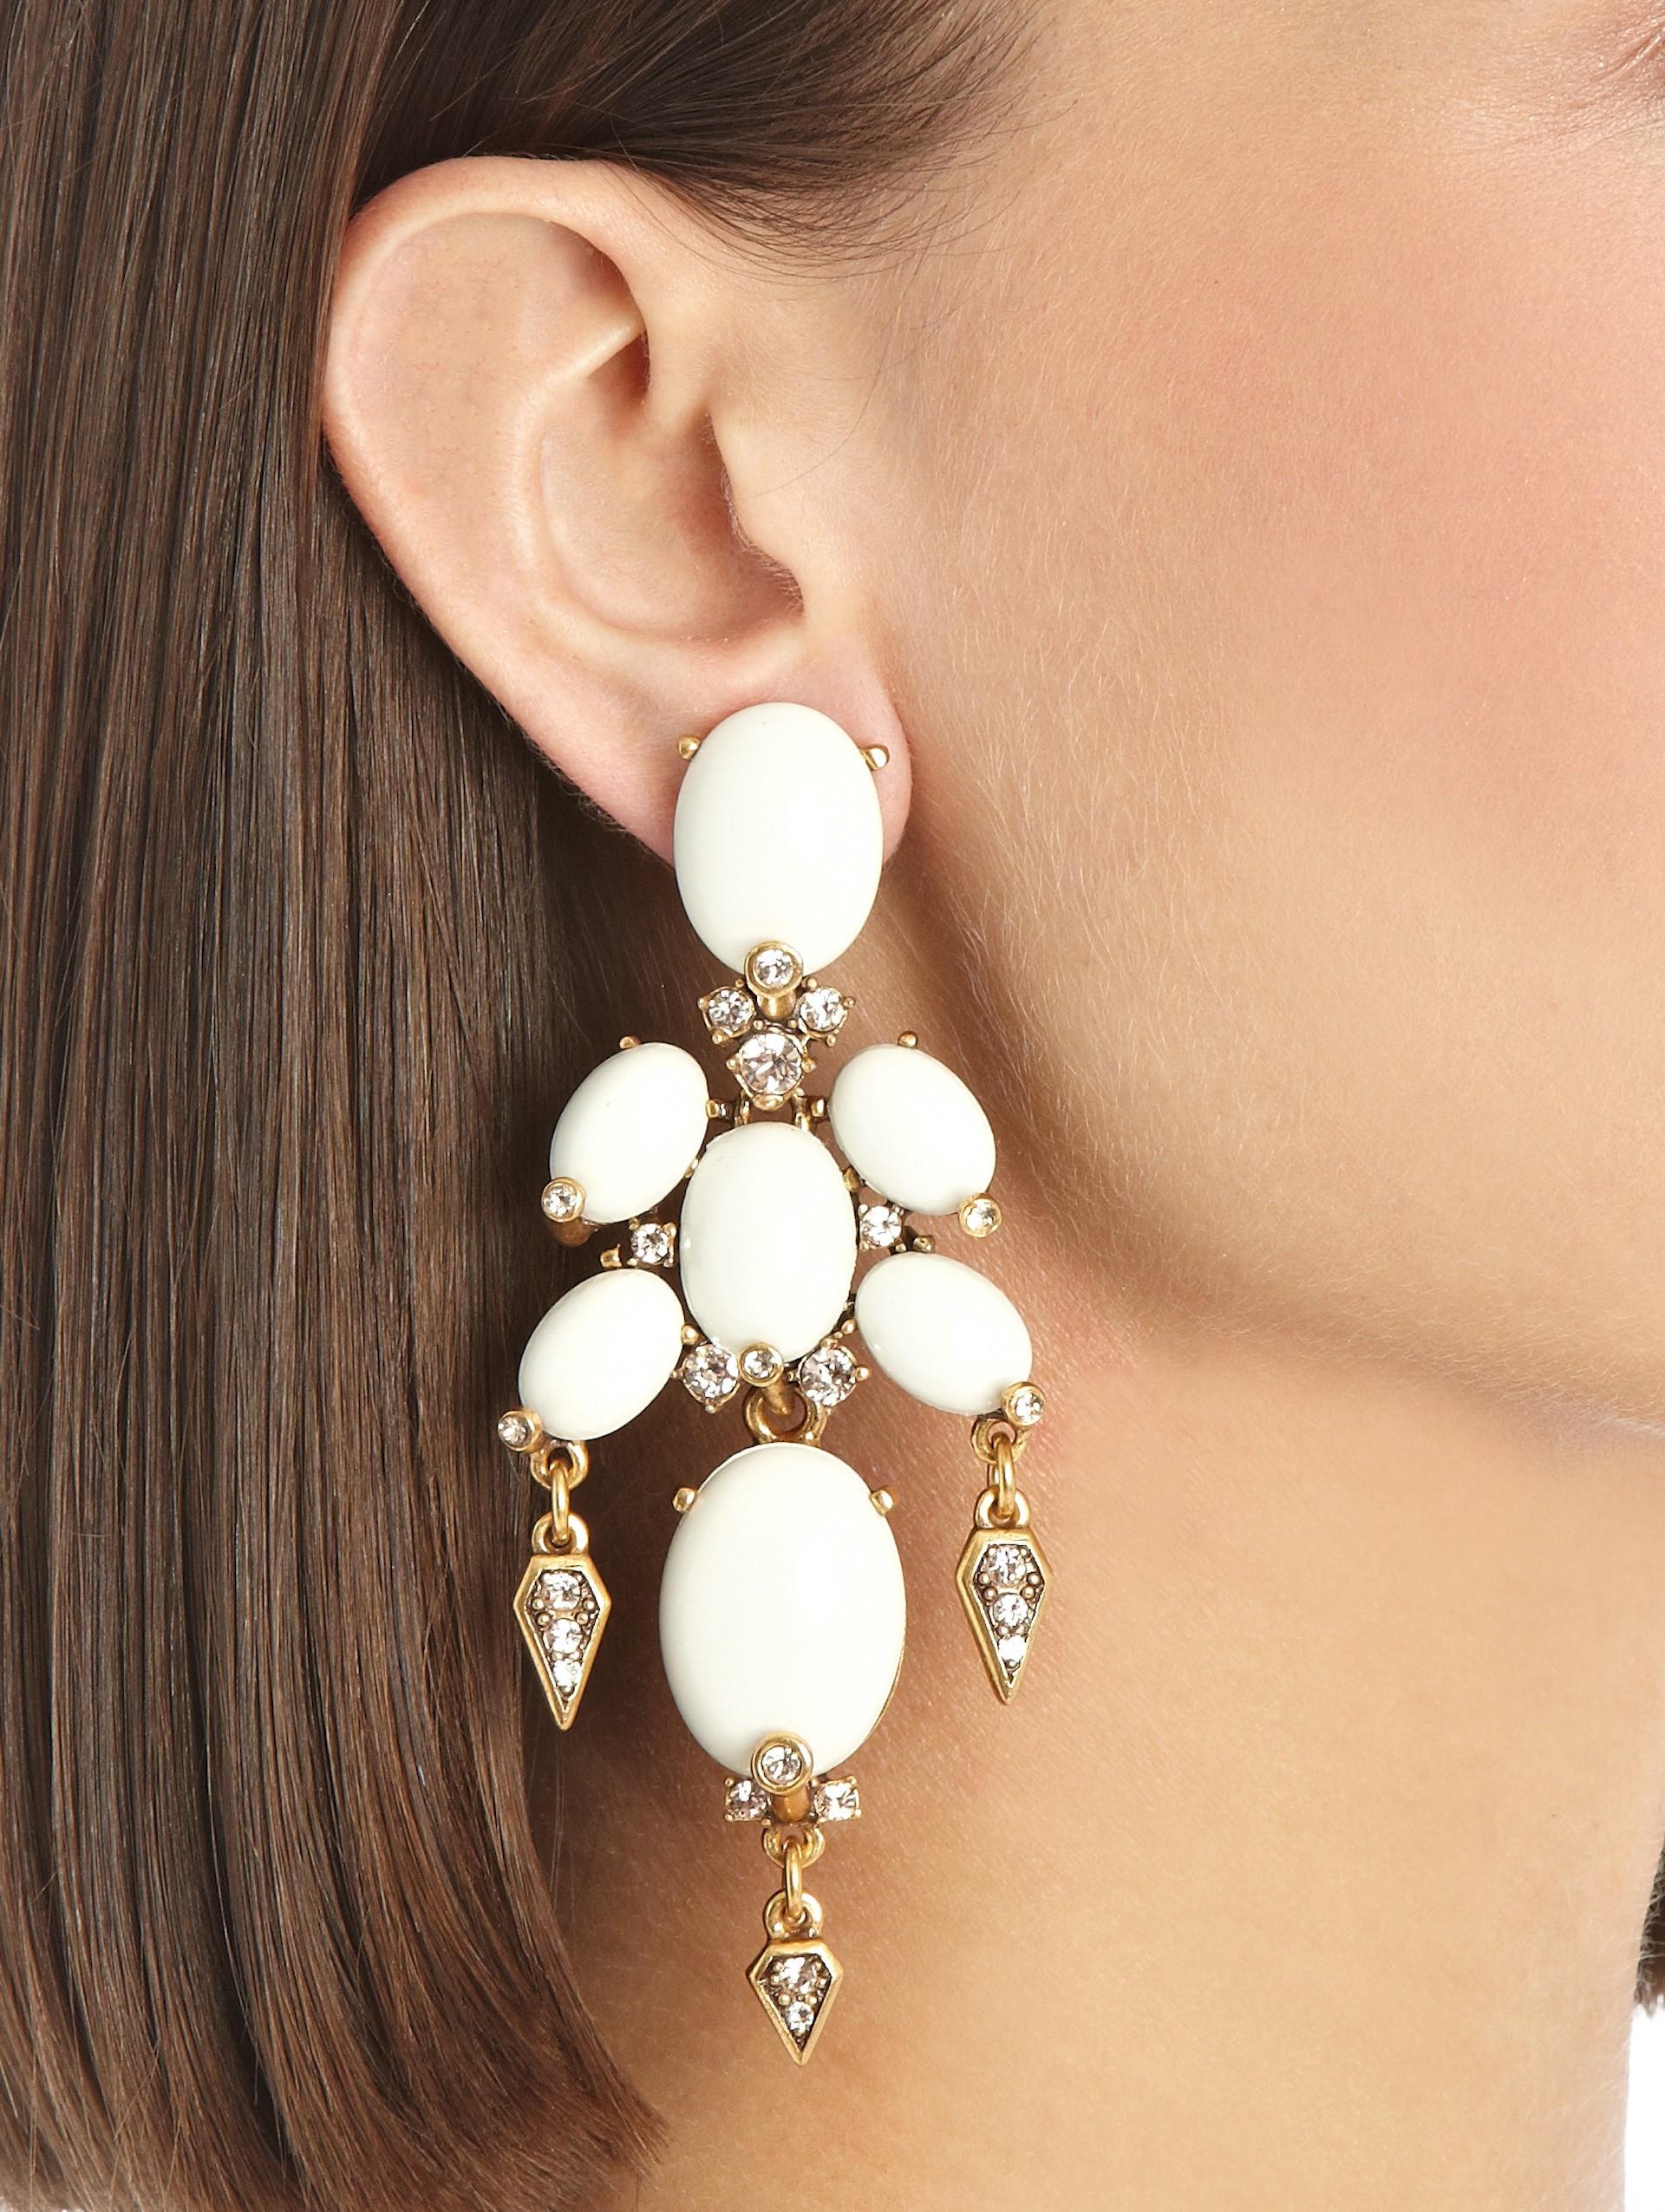 Oscar De La Renta Pearl Earrings in Metallics g9NGjV8dOM